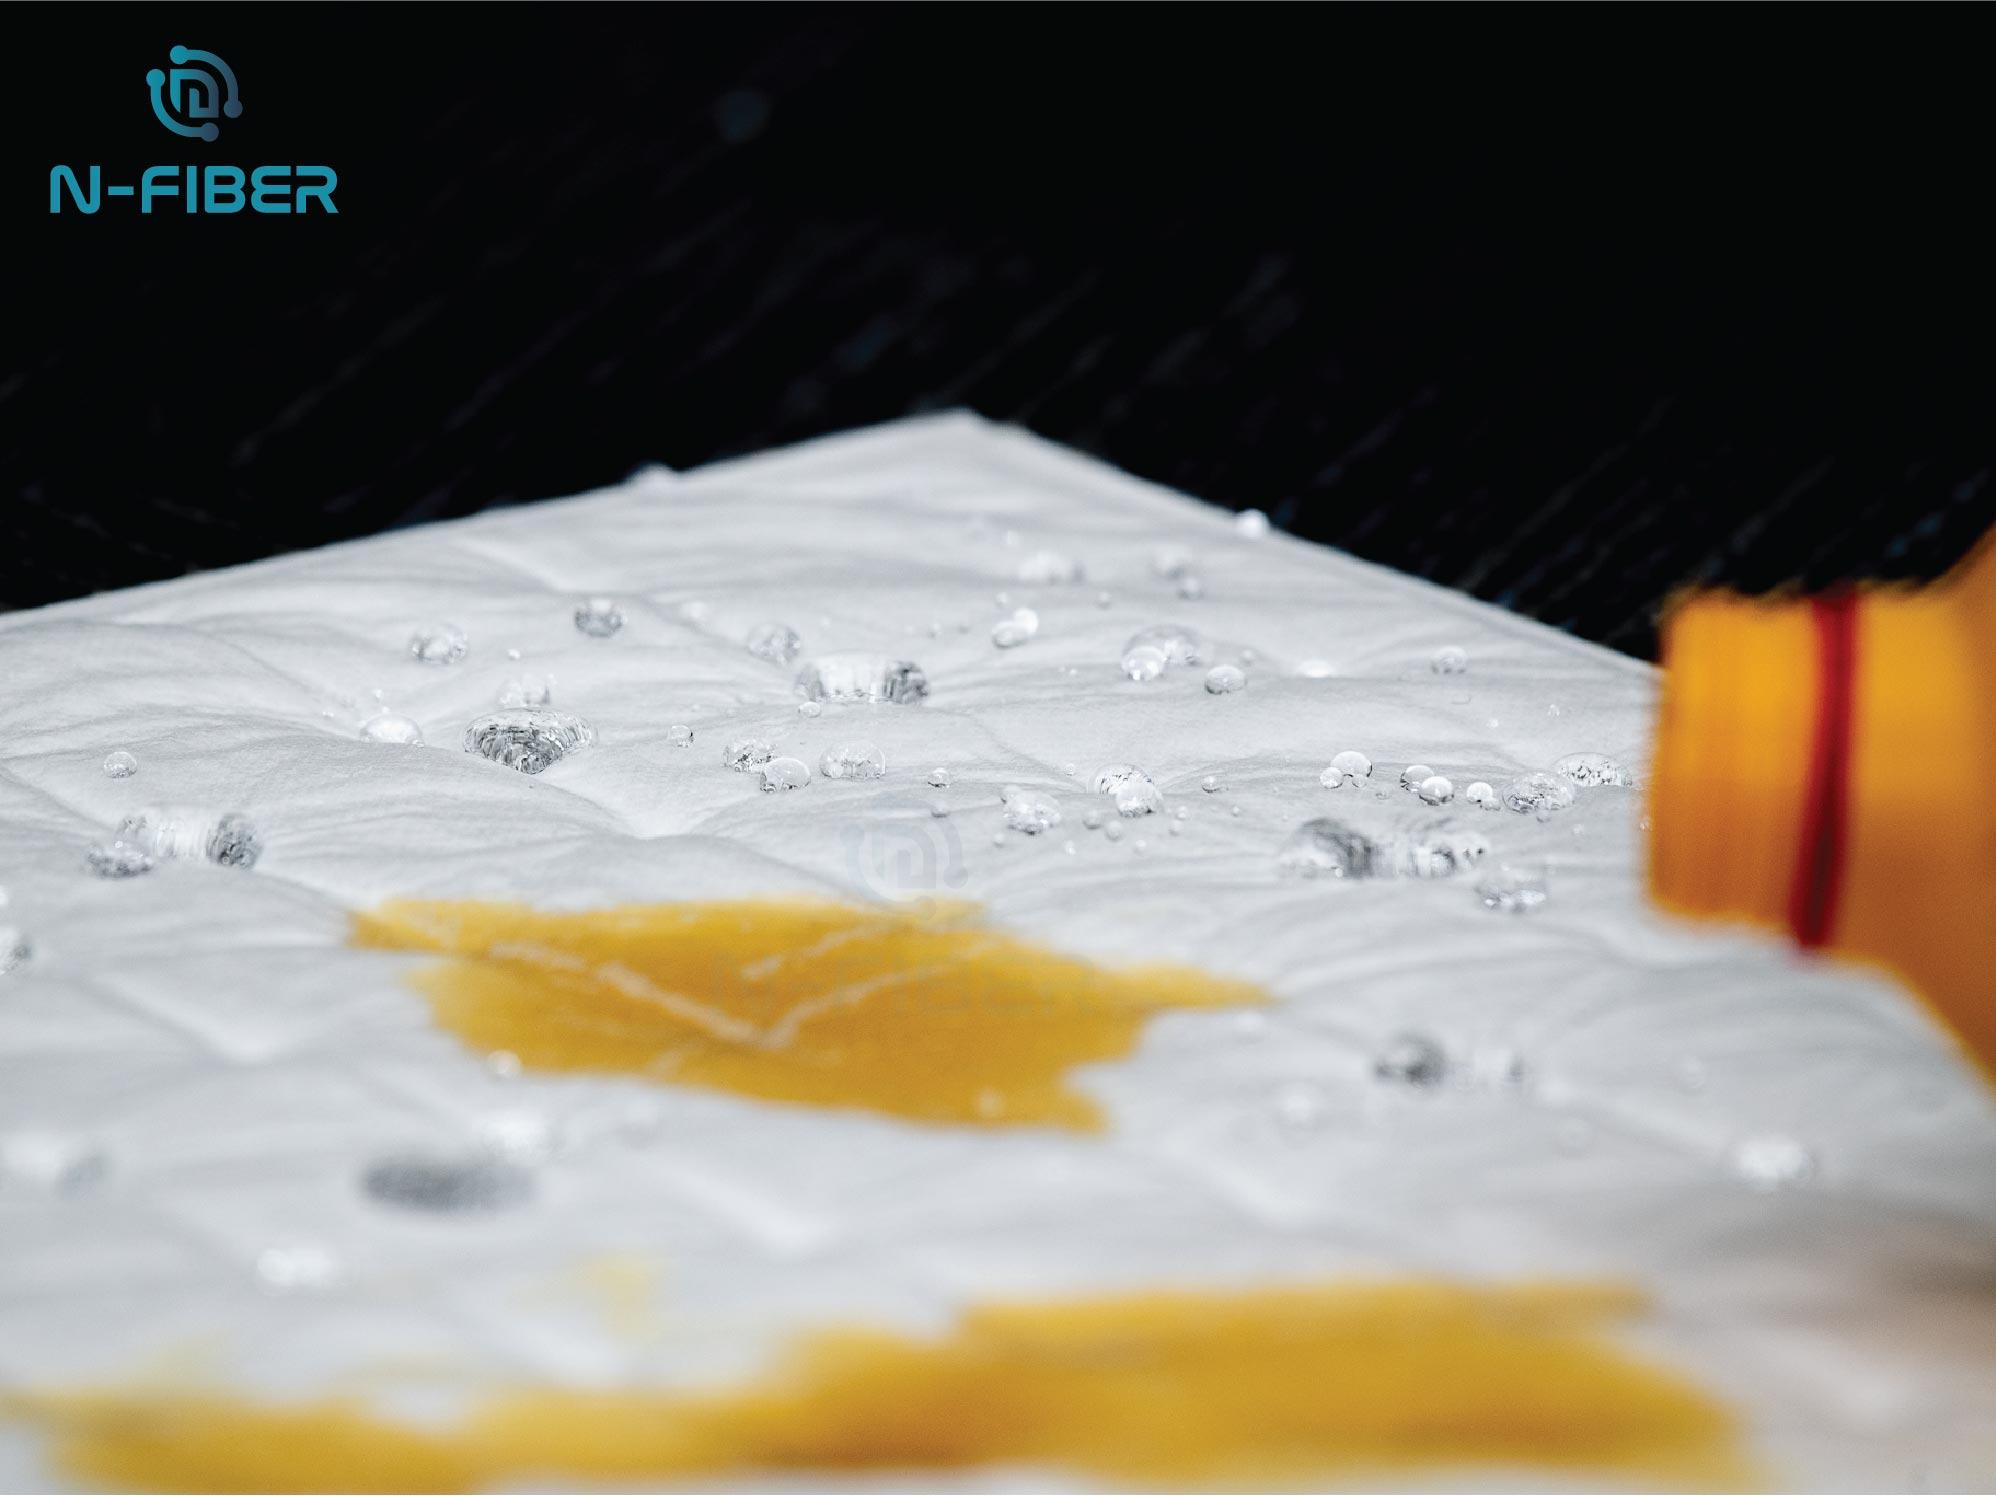 Giấy thấm dầu/ Tấm thấm dầu N-FIBER P45